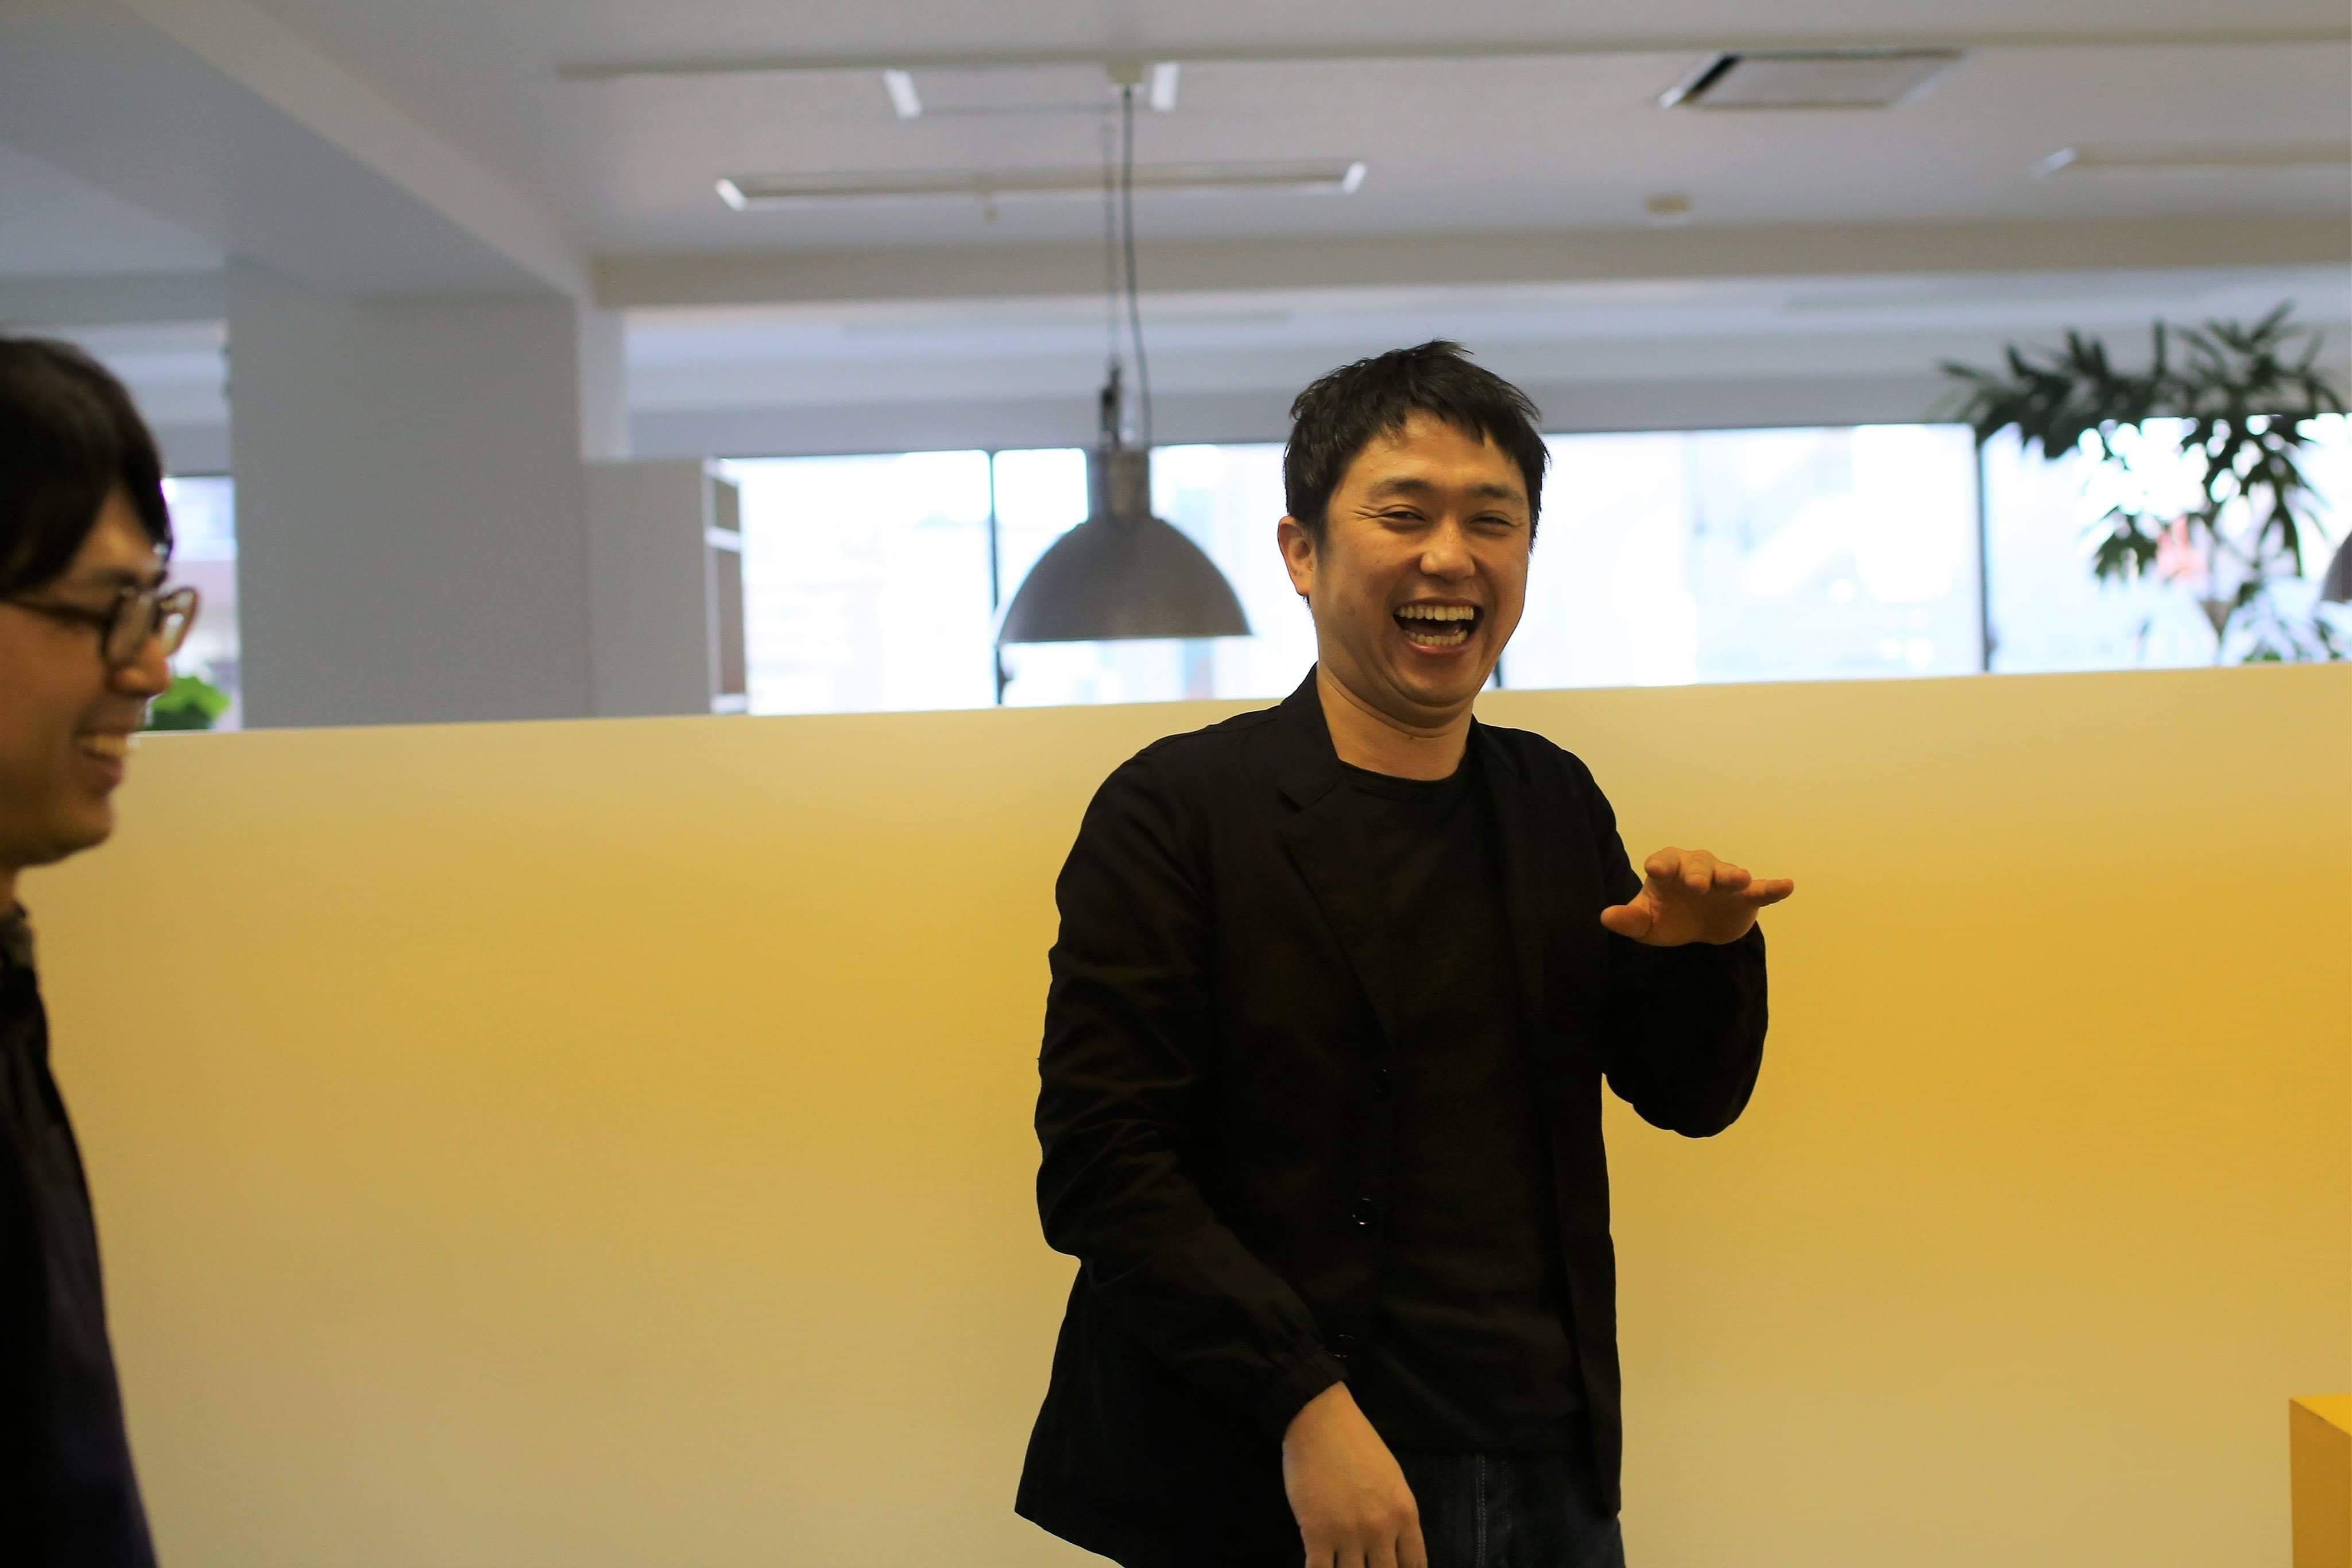 株式会社ZIZO 代表取締役の川口智士さん。1977年生まれ、京都府出身。同志社大学を卒業後、リクルートメディアコミュニケーションを経て、2010年にZIZOを設立。キャンペーン、WEBサイト構築、WEBマーケティング、コミュニケーションデザインなどを幅広く手がけている(画像提供:ZIZO)